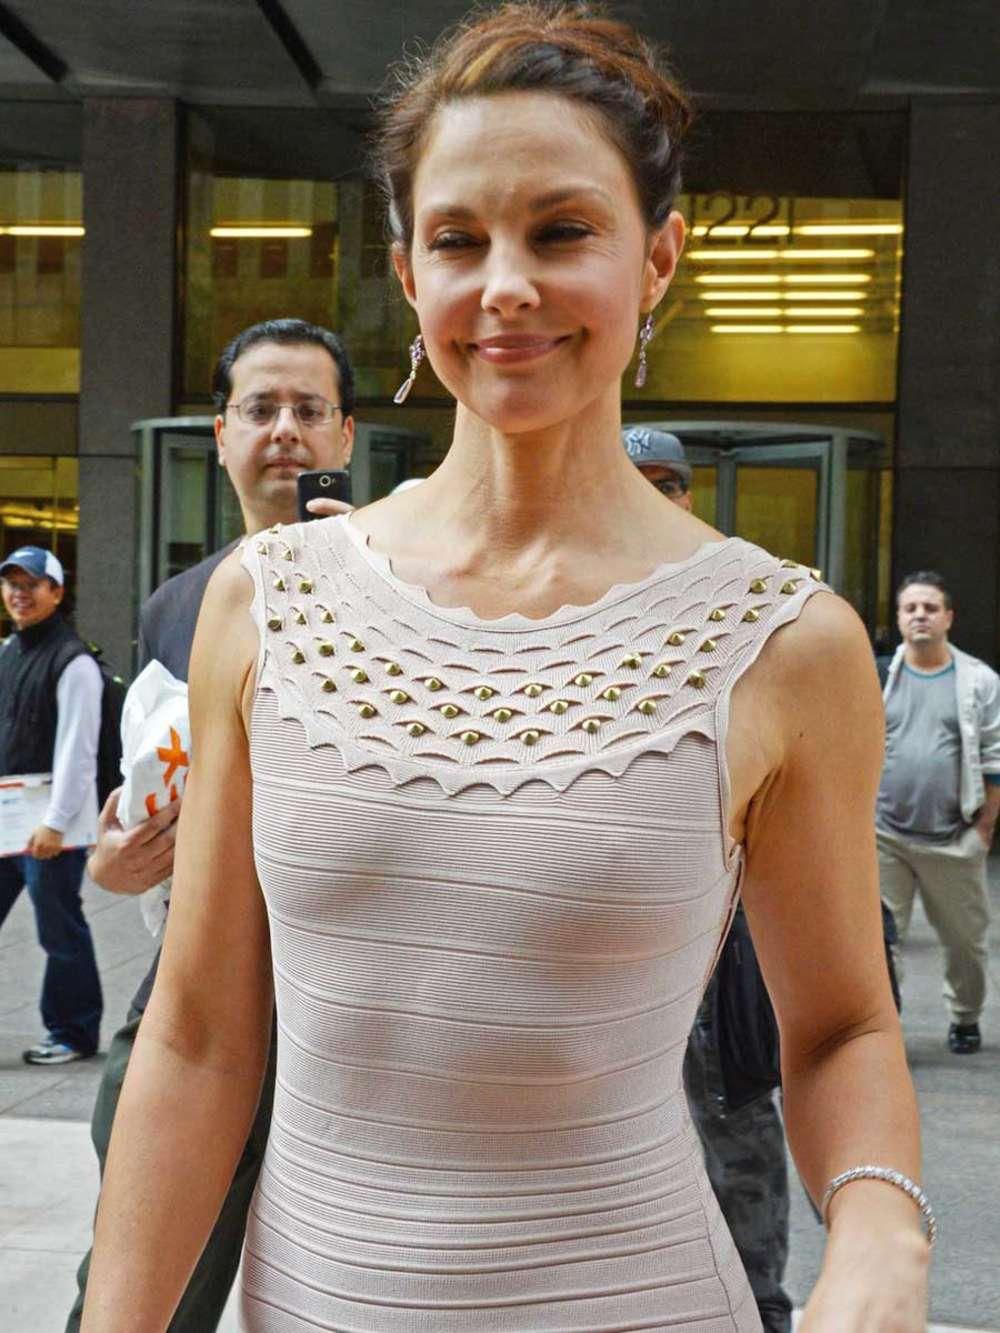 У женщины видно грудь с боку платья — pic 4